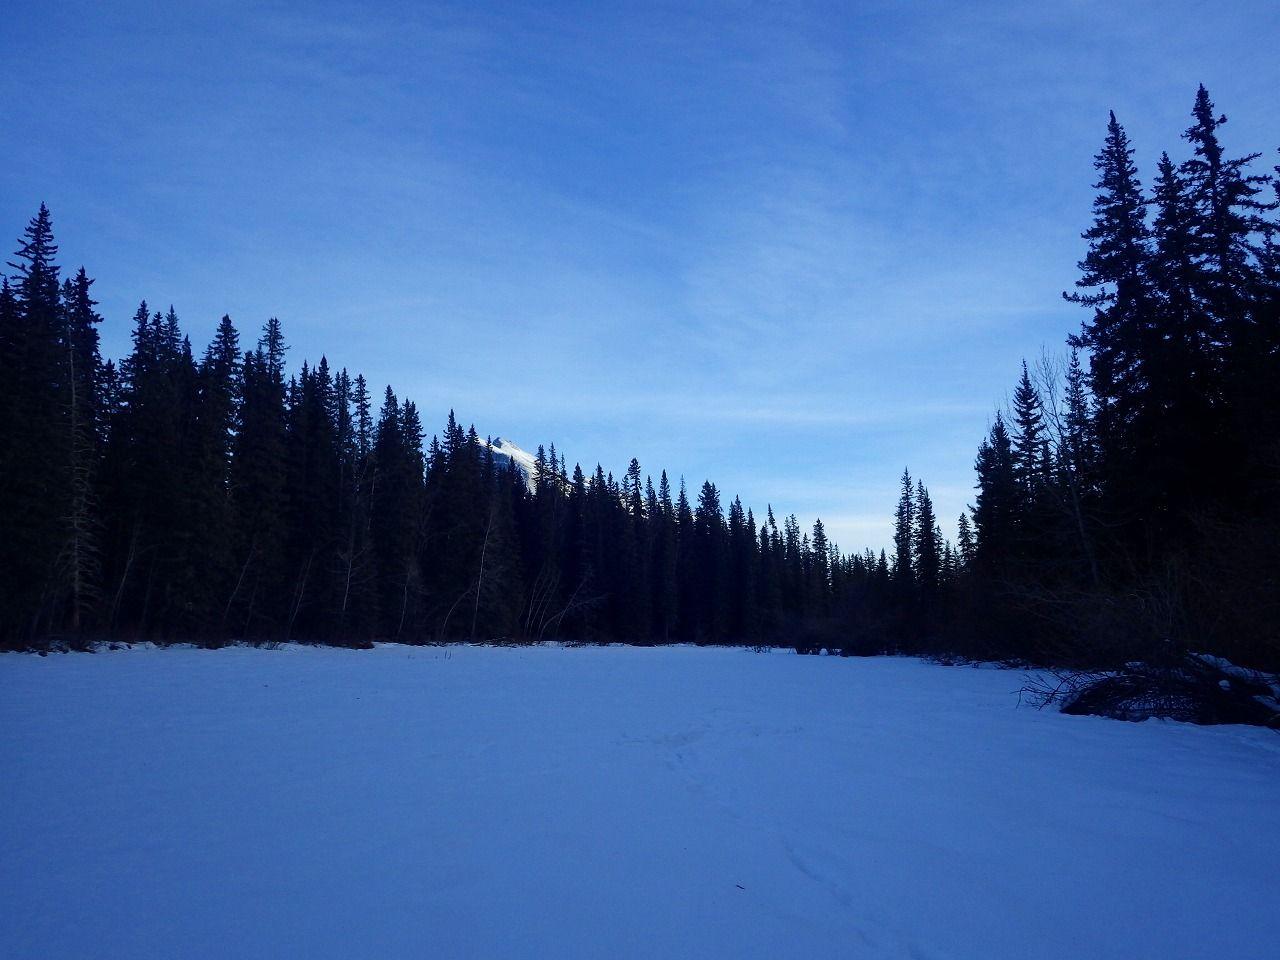 凍った湖を歩いてみよう!バーミリオン湖とその周辺